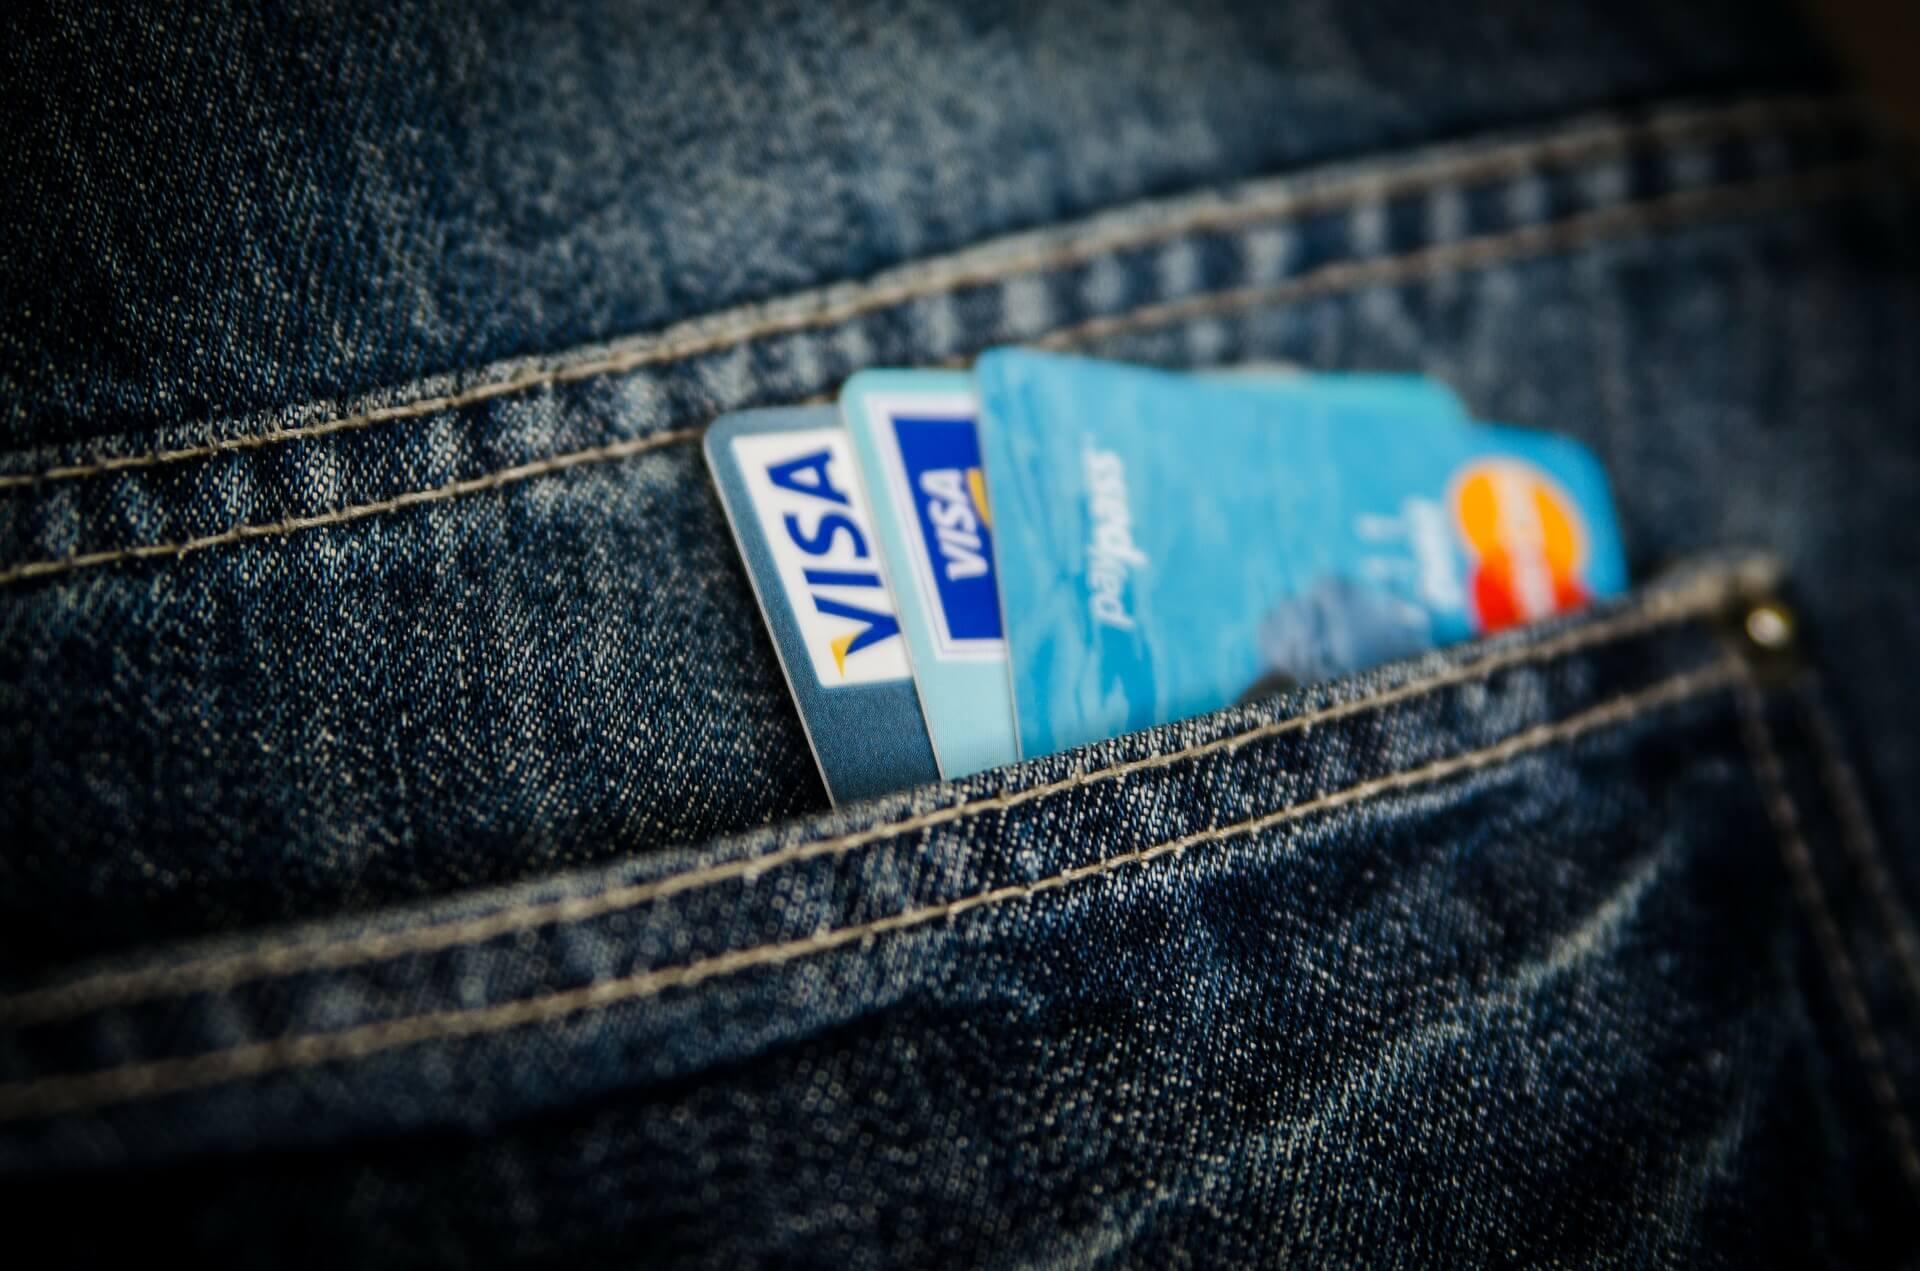 アジア旅行でアメックスのクレジットカードは使える?使えない?【国際ブランド】